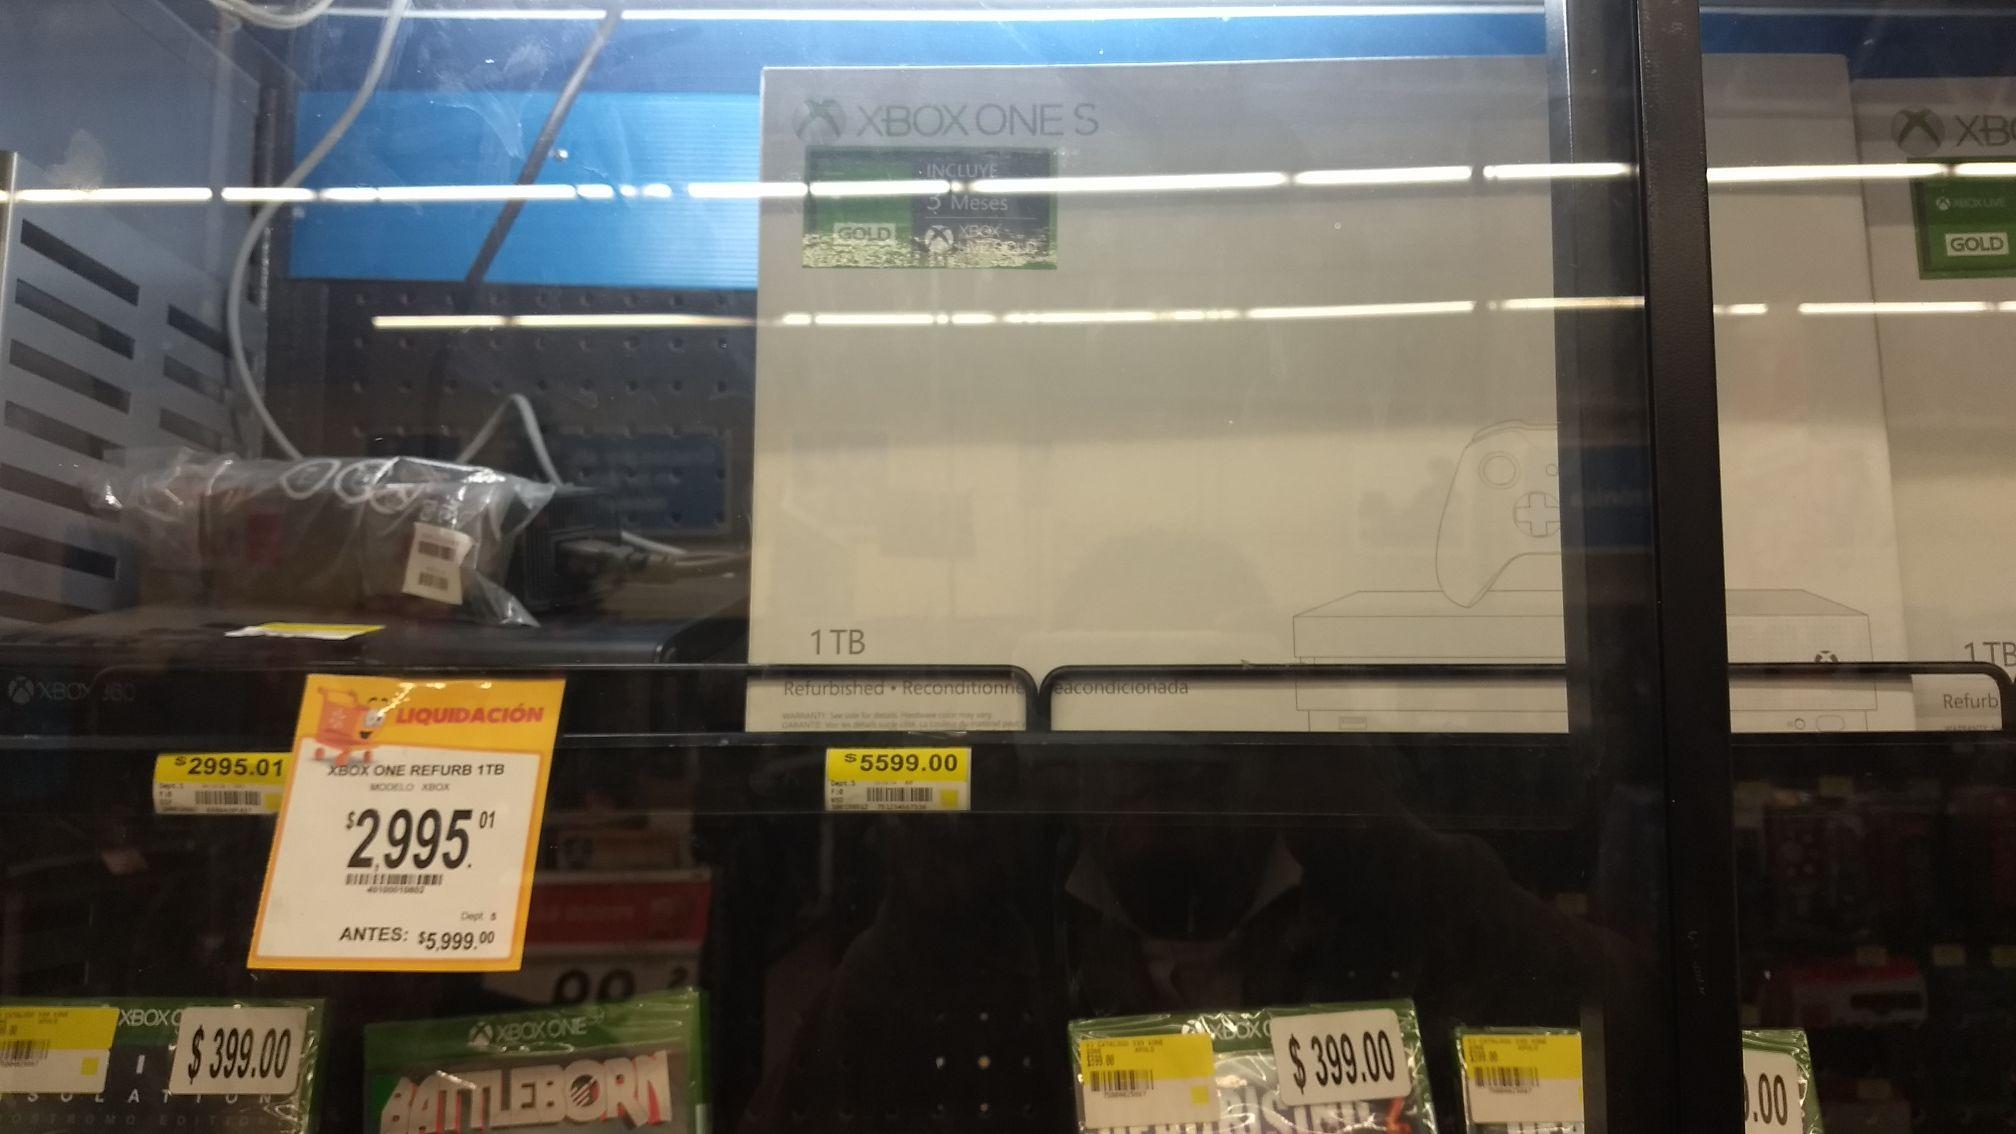 Walmart: Xbox One S Refurbished 1TB